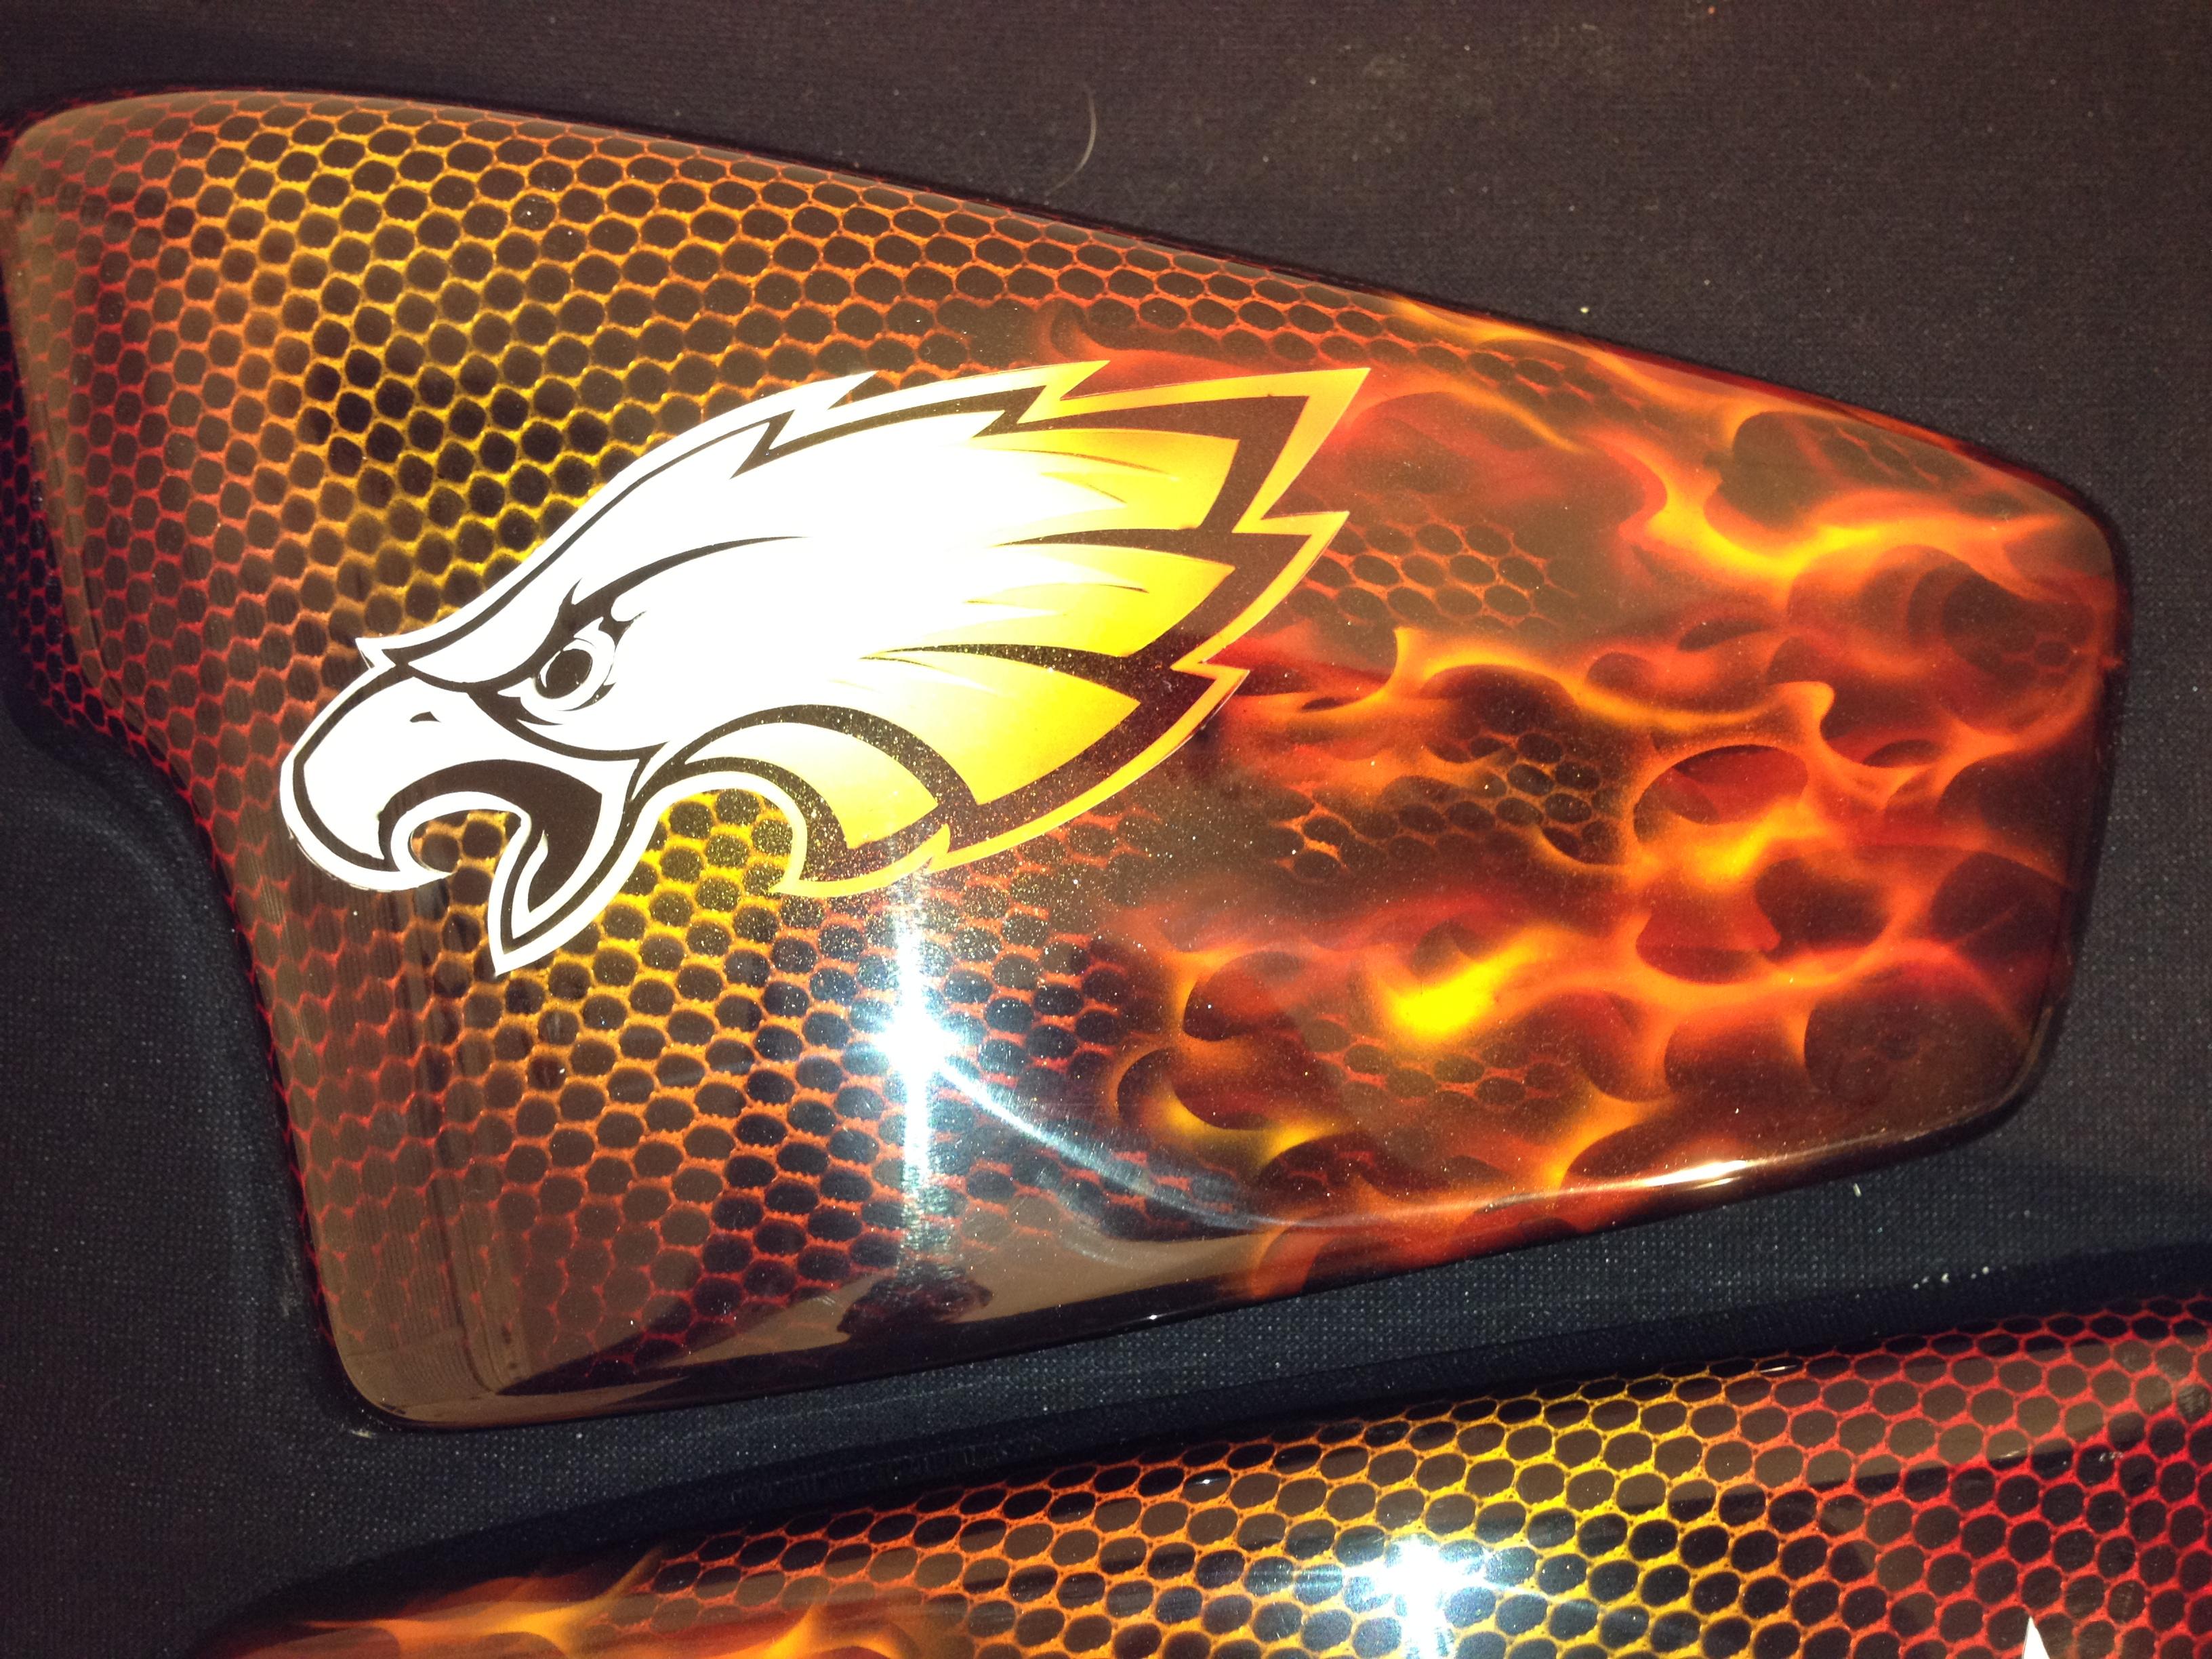 Harley-Davidson-true-flame-eagles-nfl-oil-cover